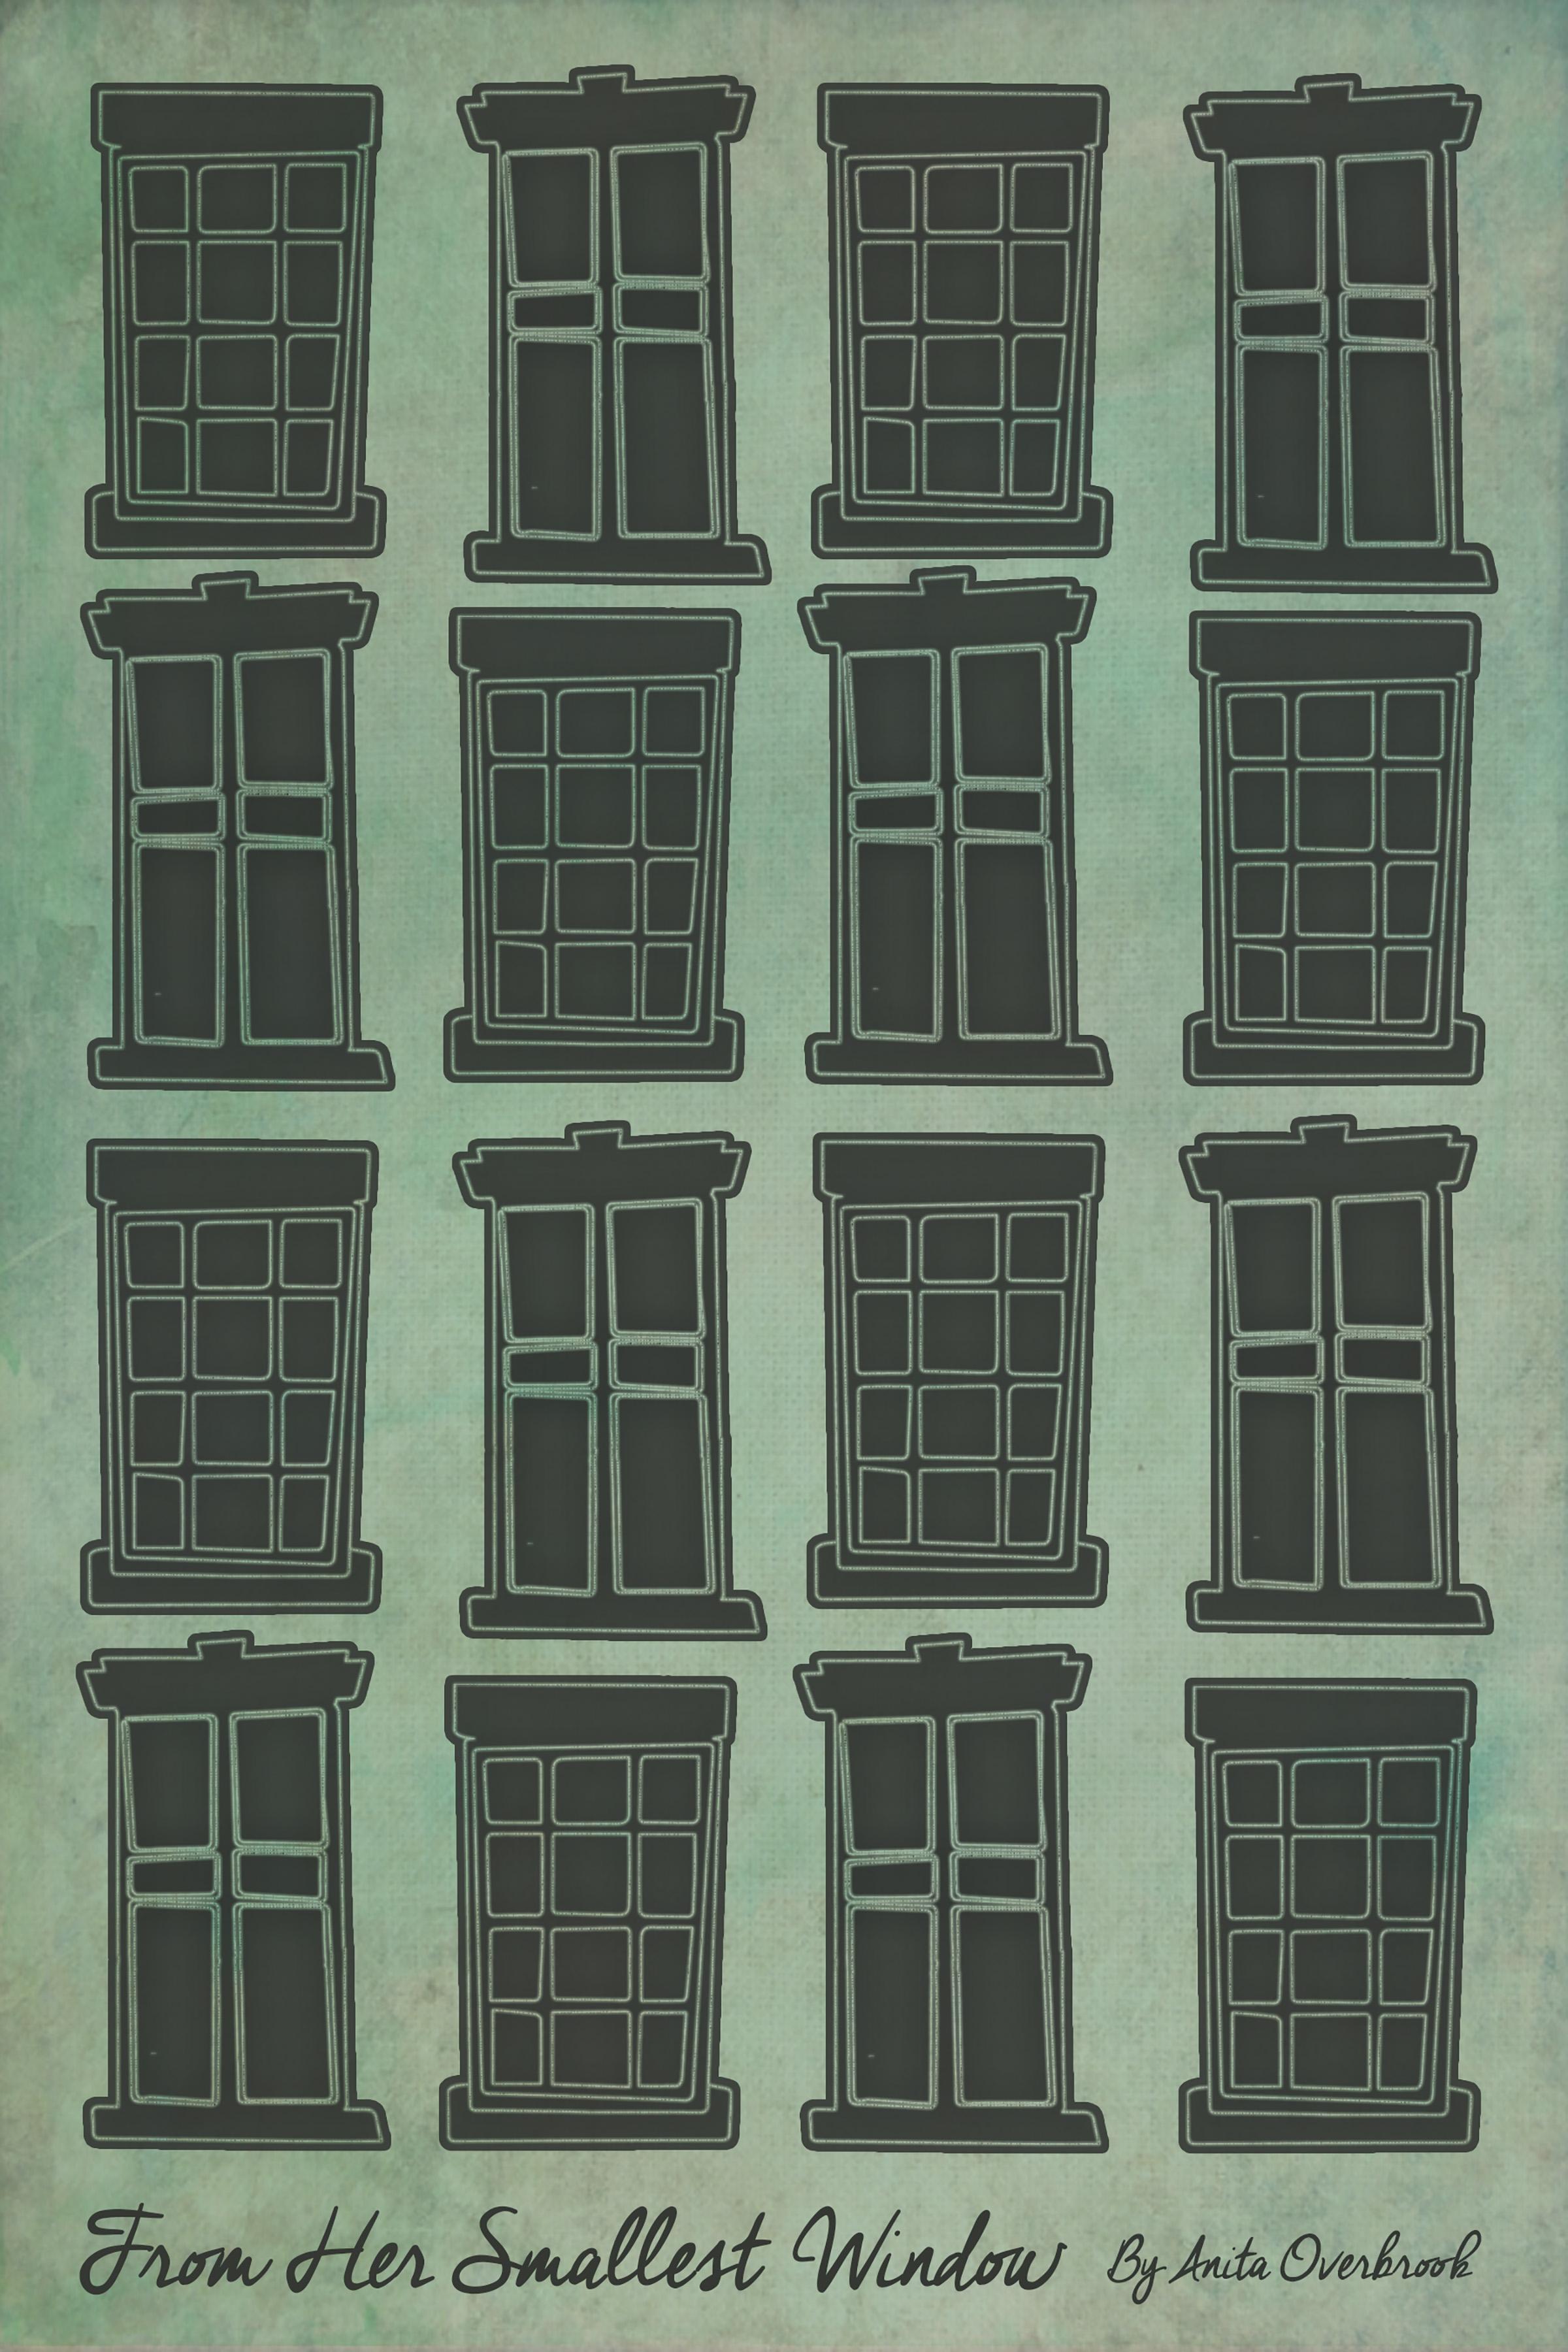 FromSmallest Window.jpg